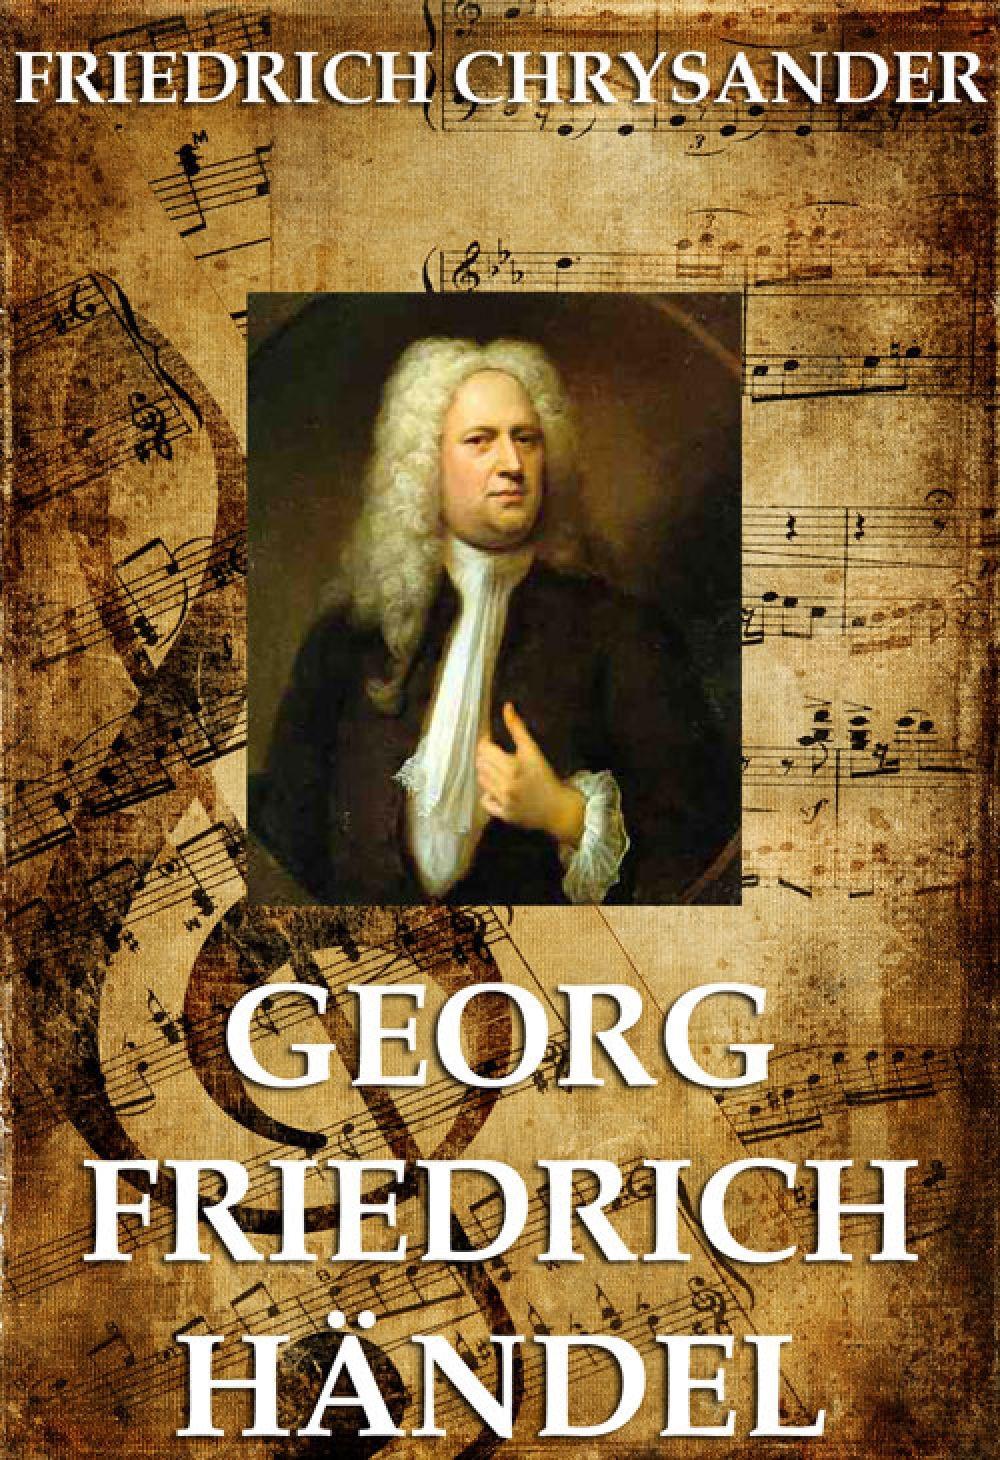 Friedrich Chrysander Georg Friedrich Händel georg friedrich wolf allgemeines musikalisches lexikon